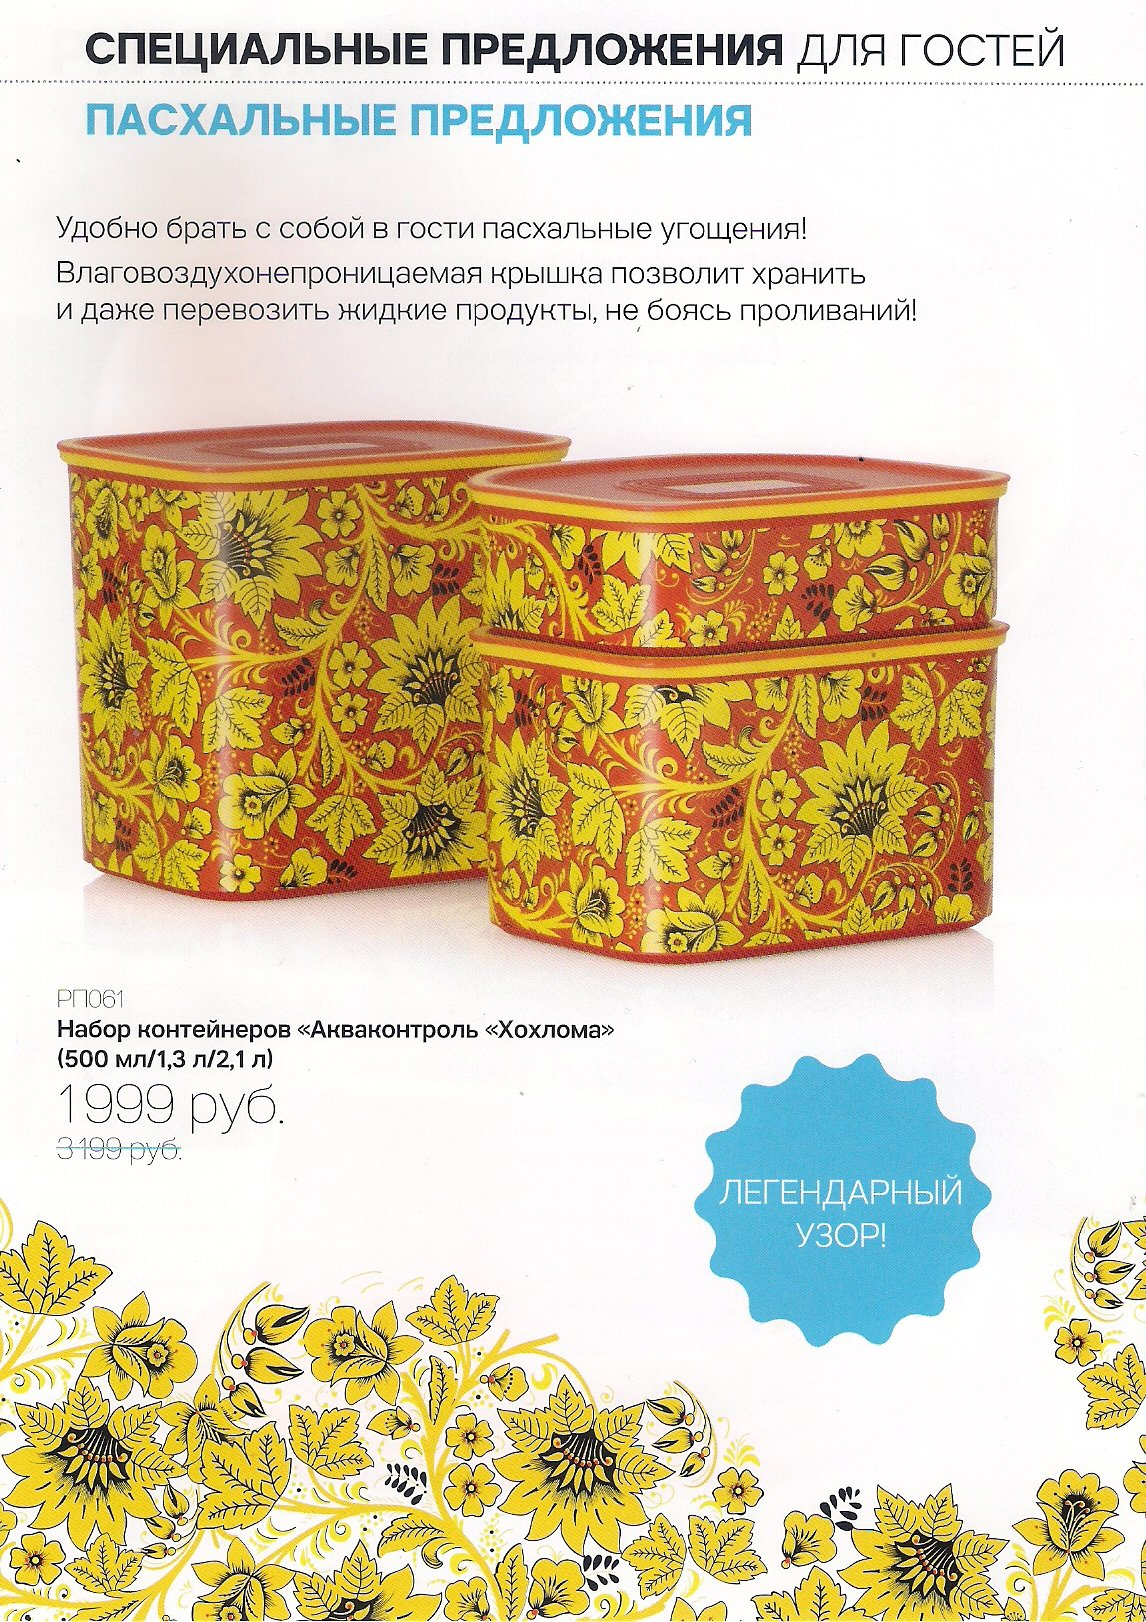 http://tupperware-online.ru/images/upload/17H.jpg